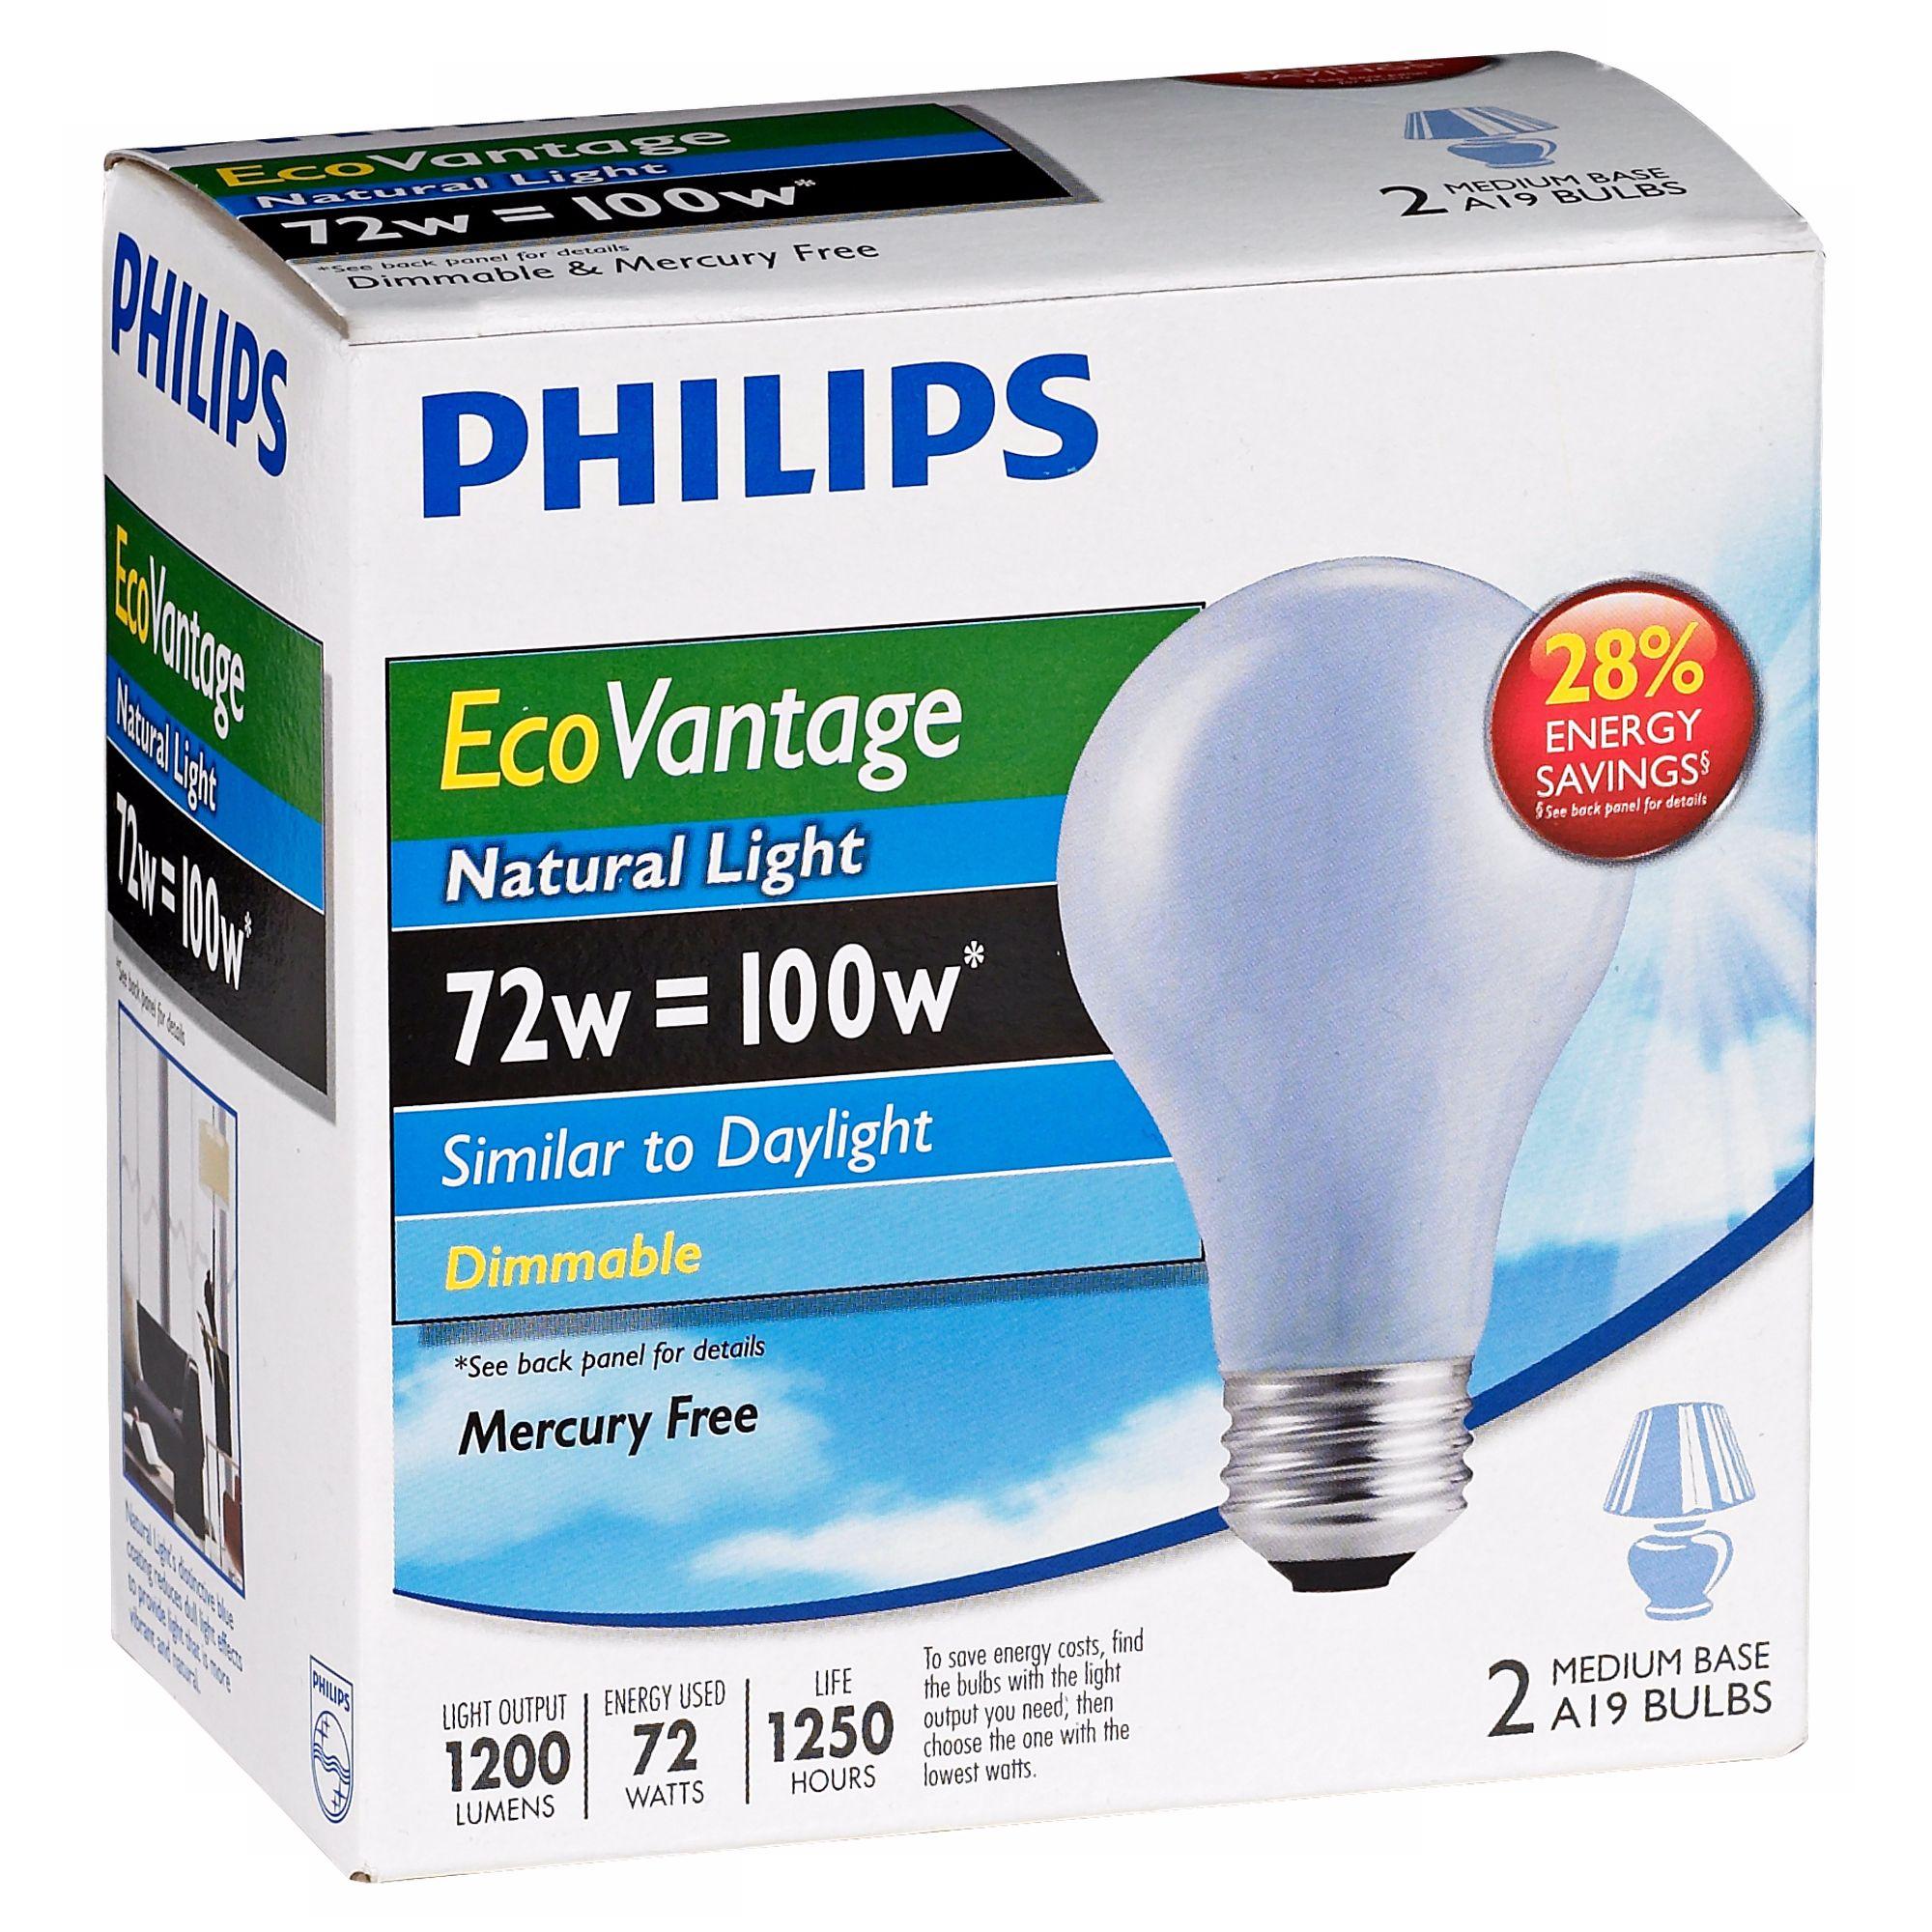 EcoVantage 72 Watt 2-Pack Natural Light Halogen Light Bulbs  sc 1 st  L&s Plus & EcoVantage 72 Watt 2-Pack Natural Light Halogen Light Bulbs ... azcodes.com